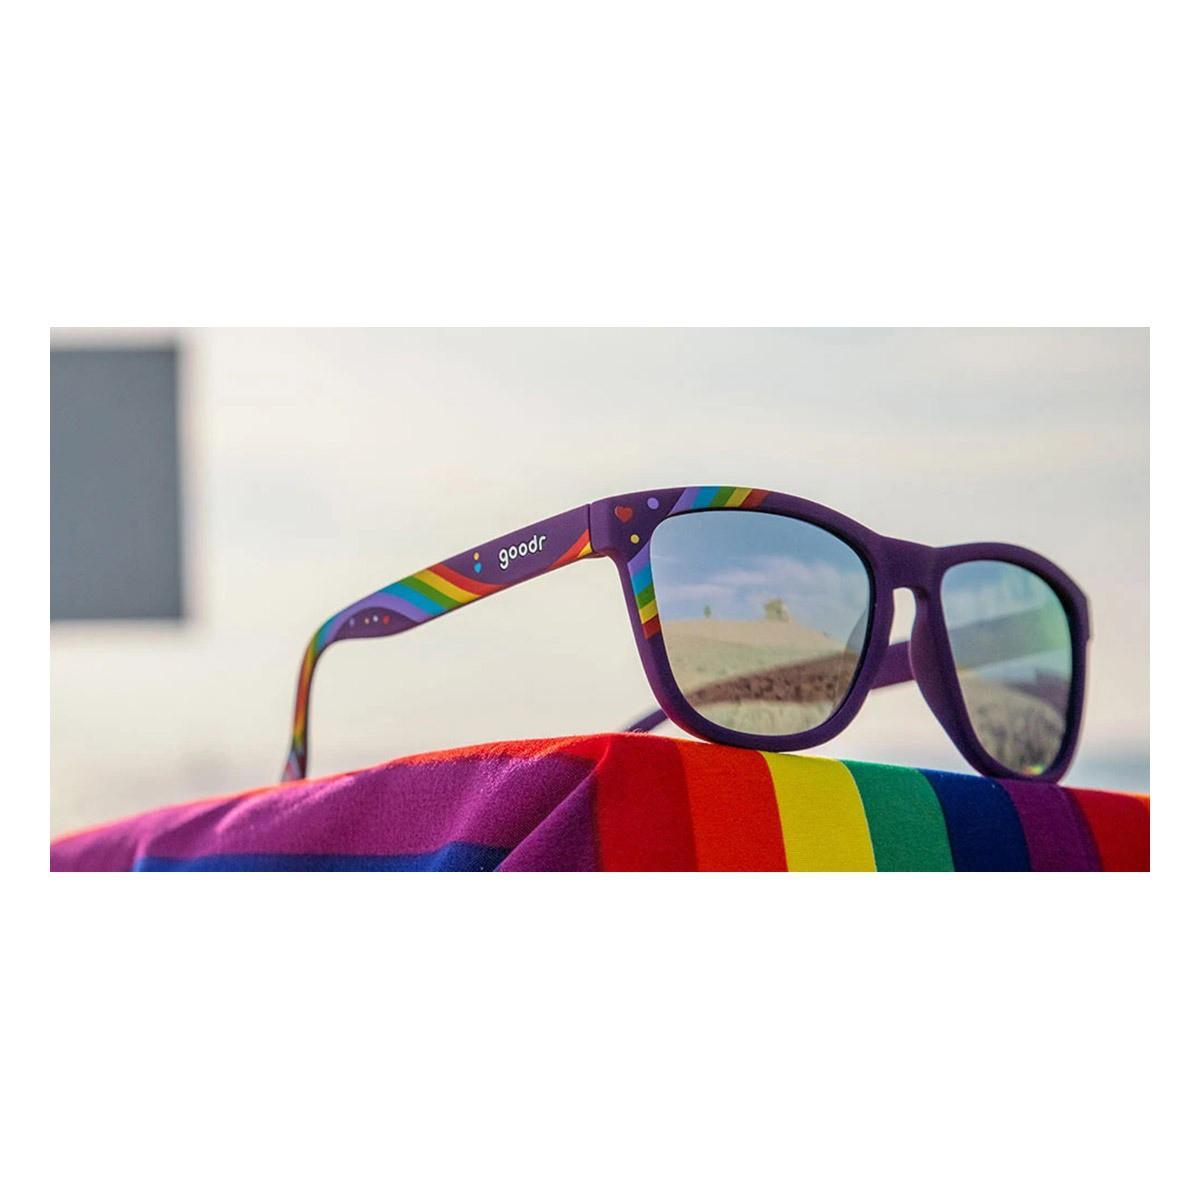 Oculos de Sol Goodr -   LGBT